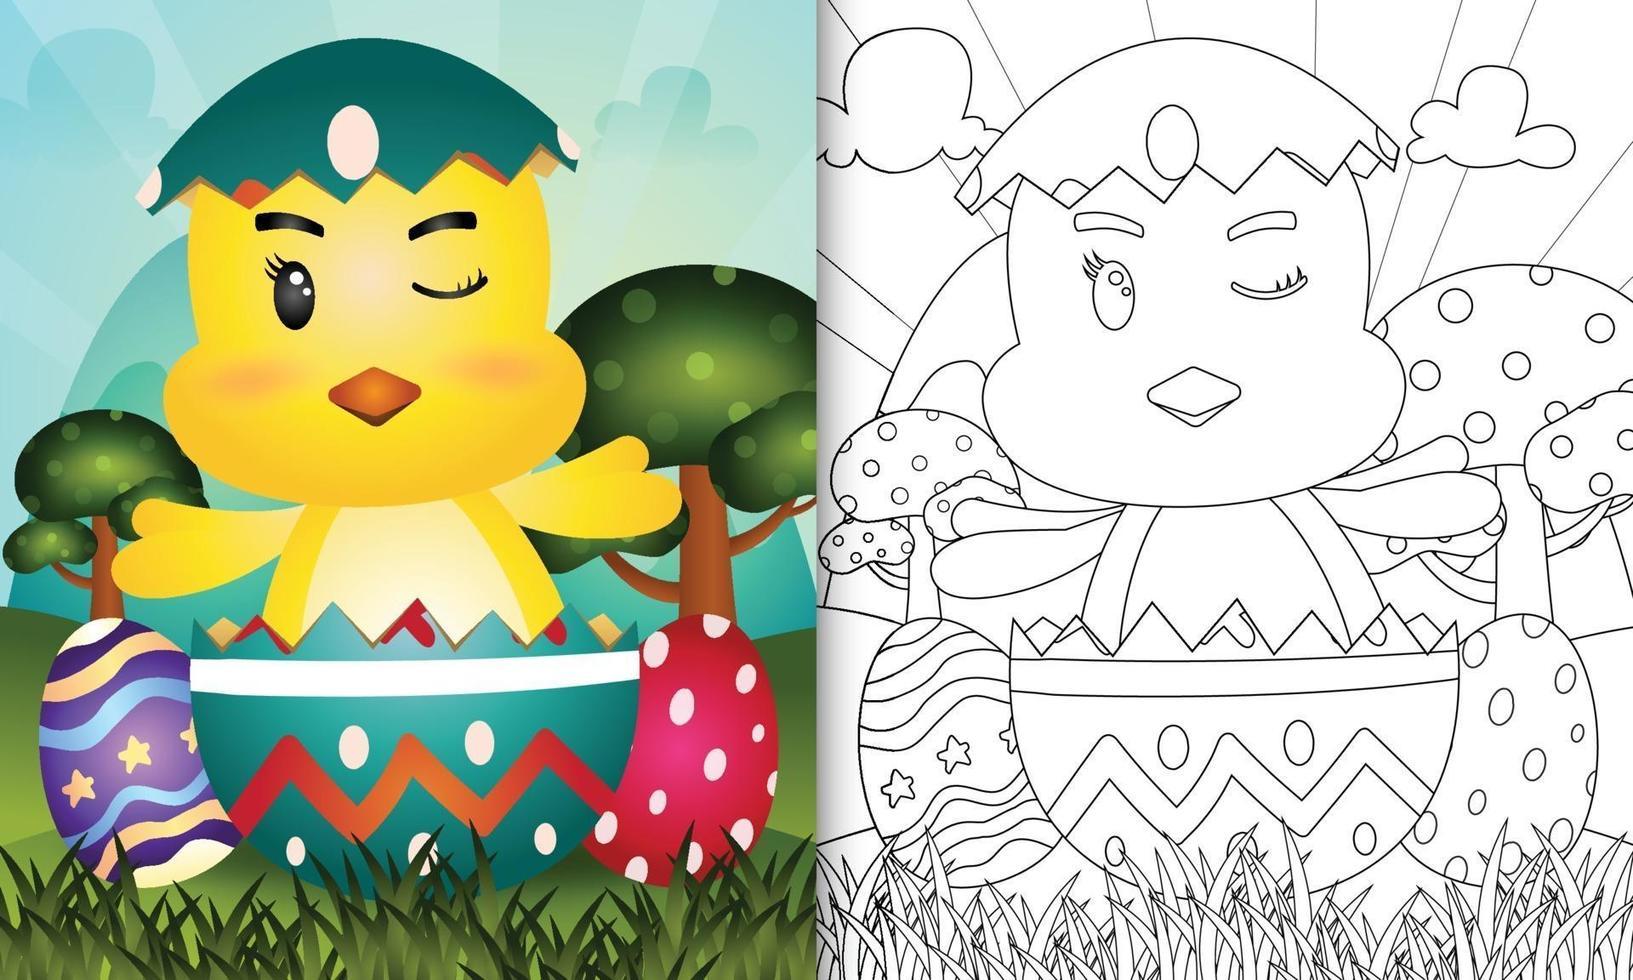 livro de colorir para crianças com tema feliz dia de páscoa com ilustração de personagem de uma linda garota no ovo vetor